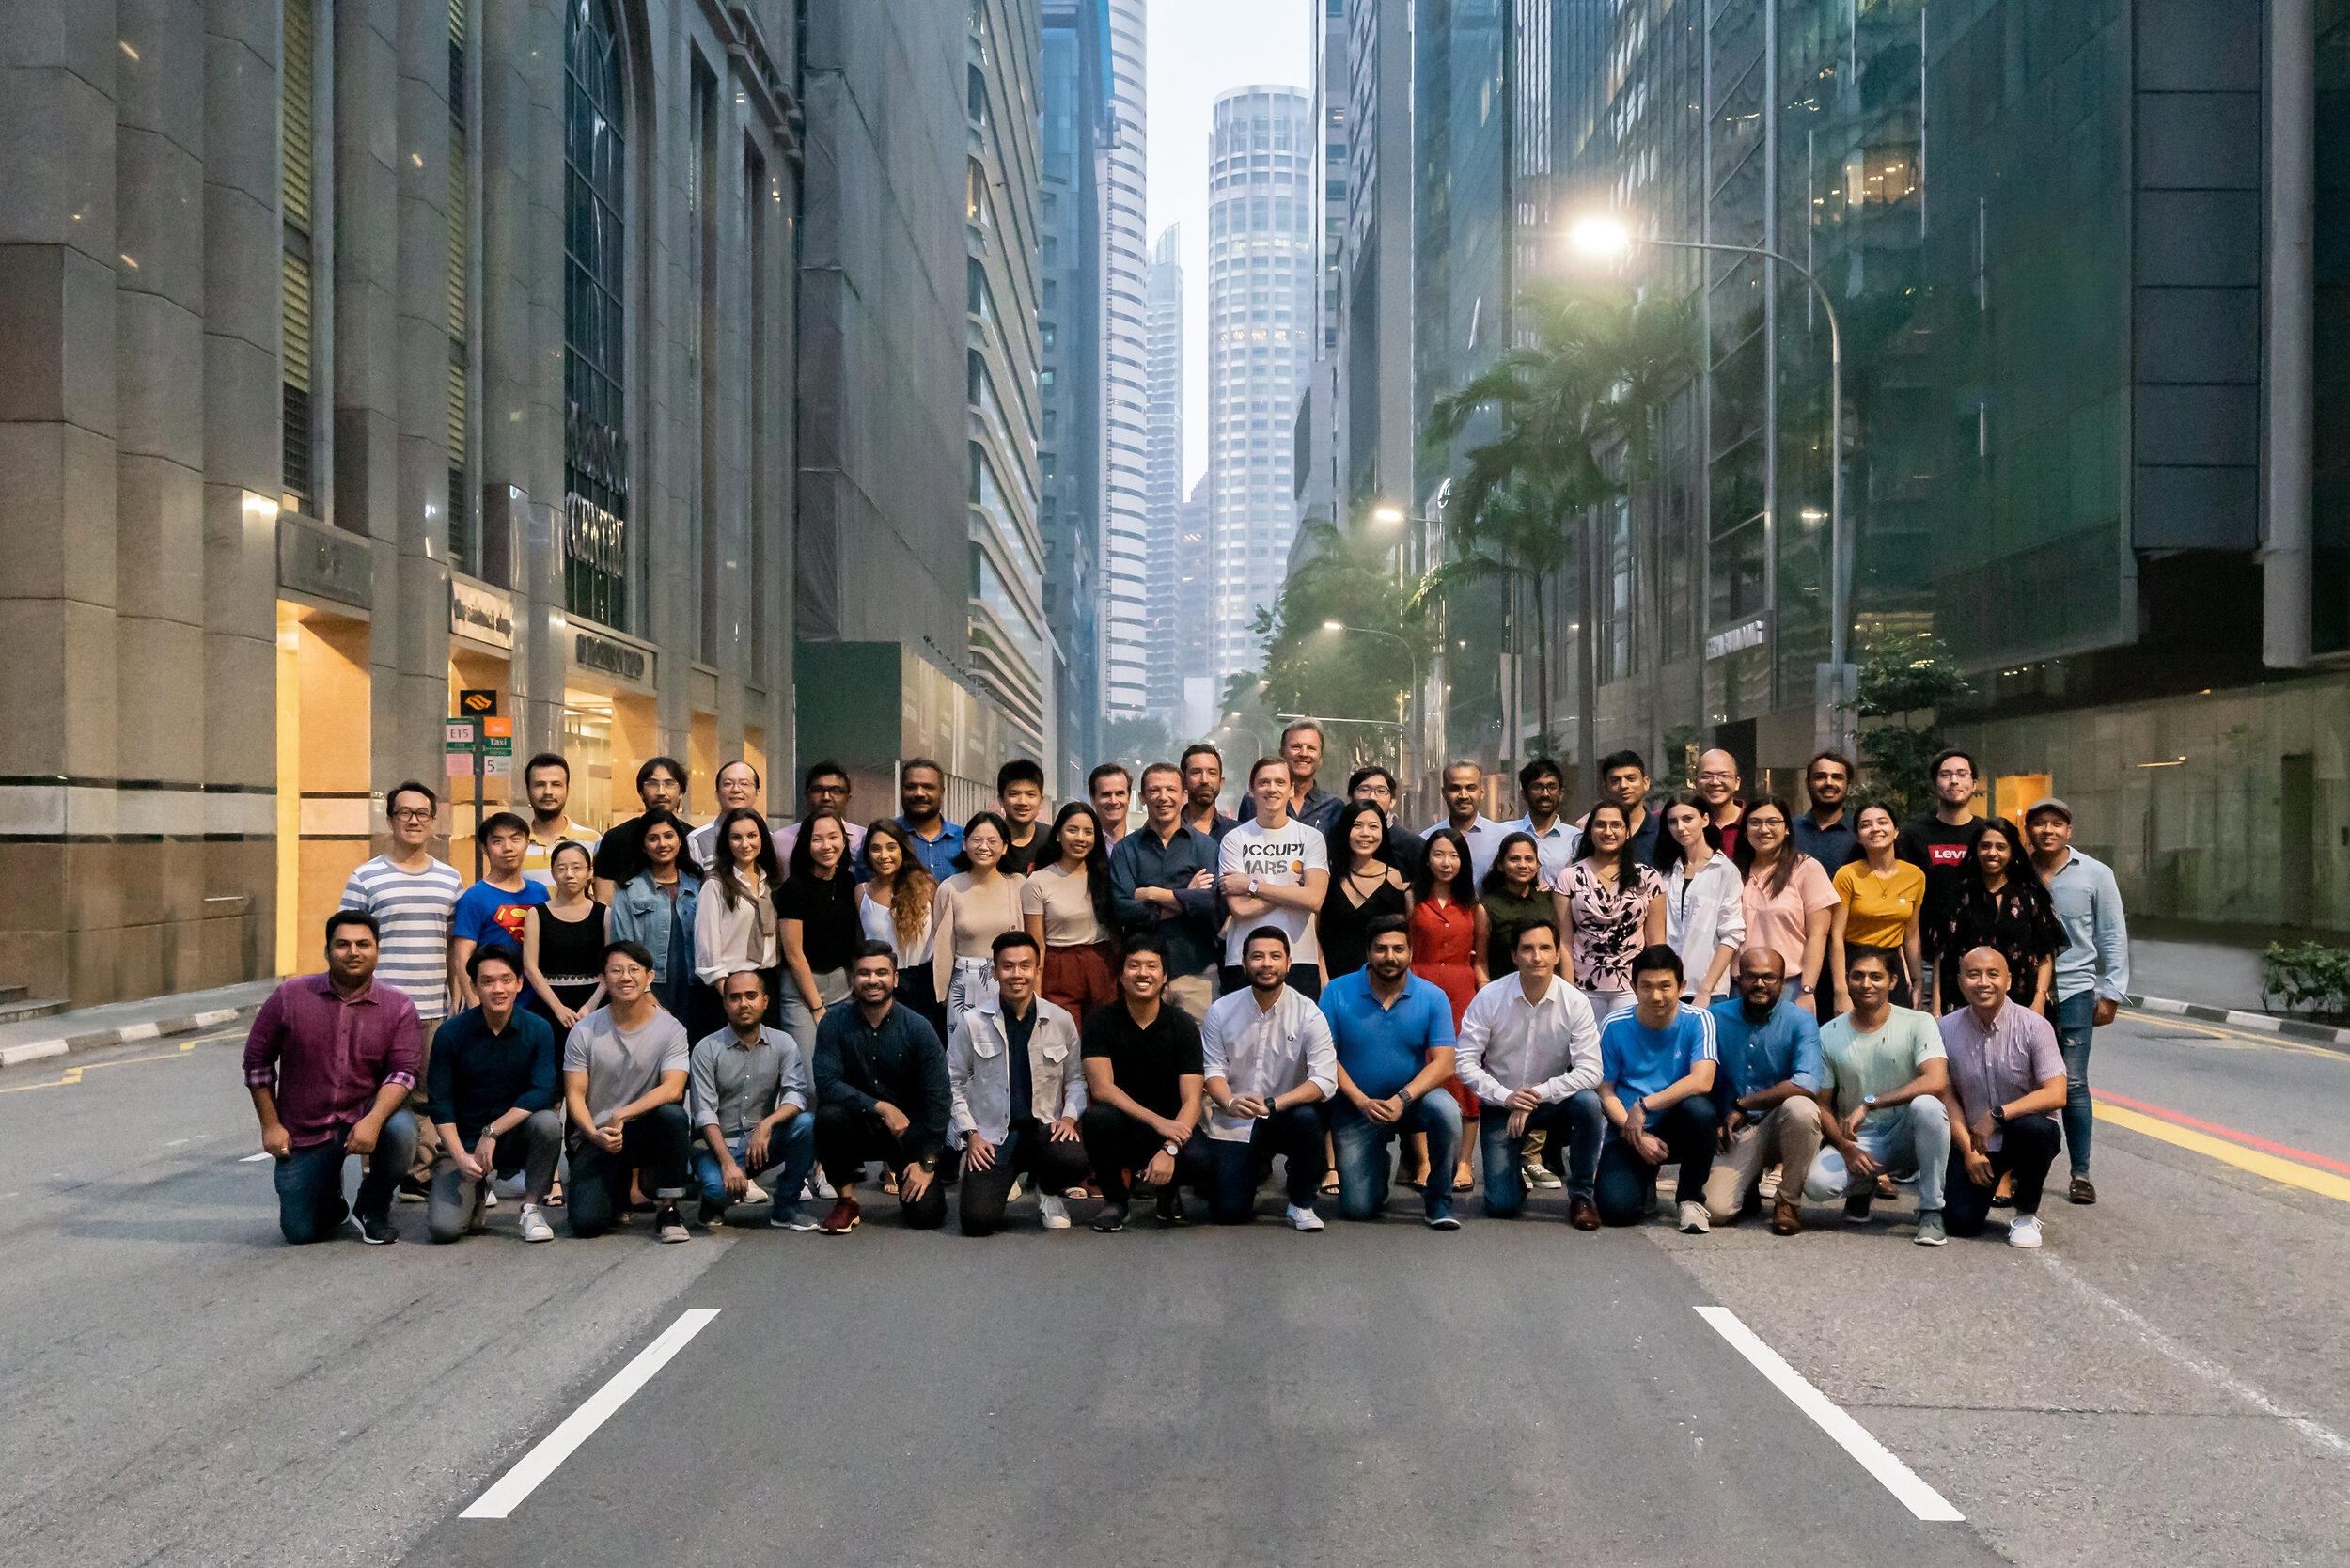 Bambu-team-2019-60staff-singapore-fintech-startup